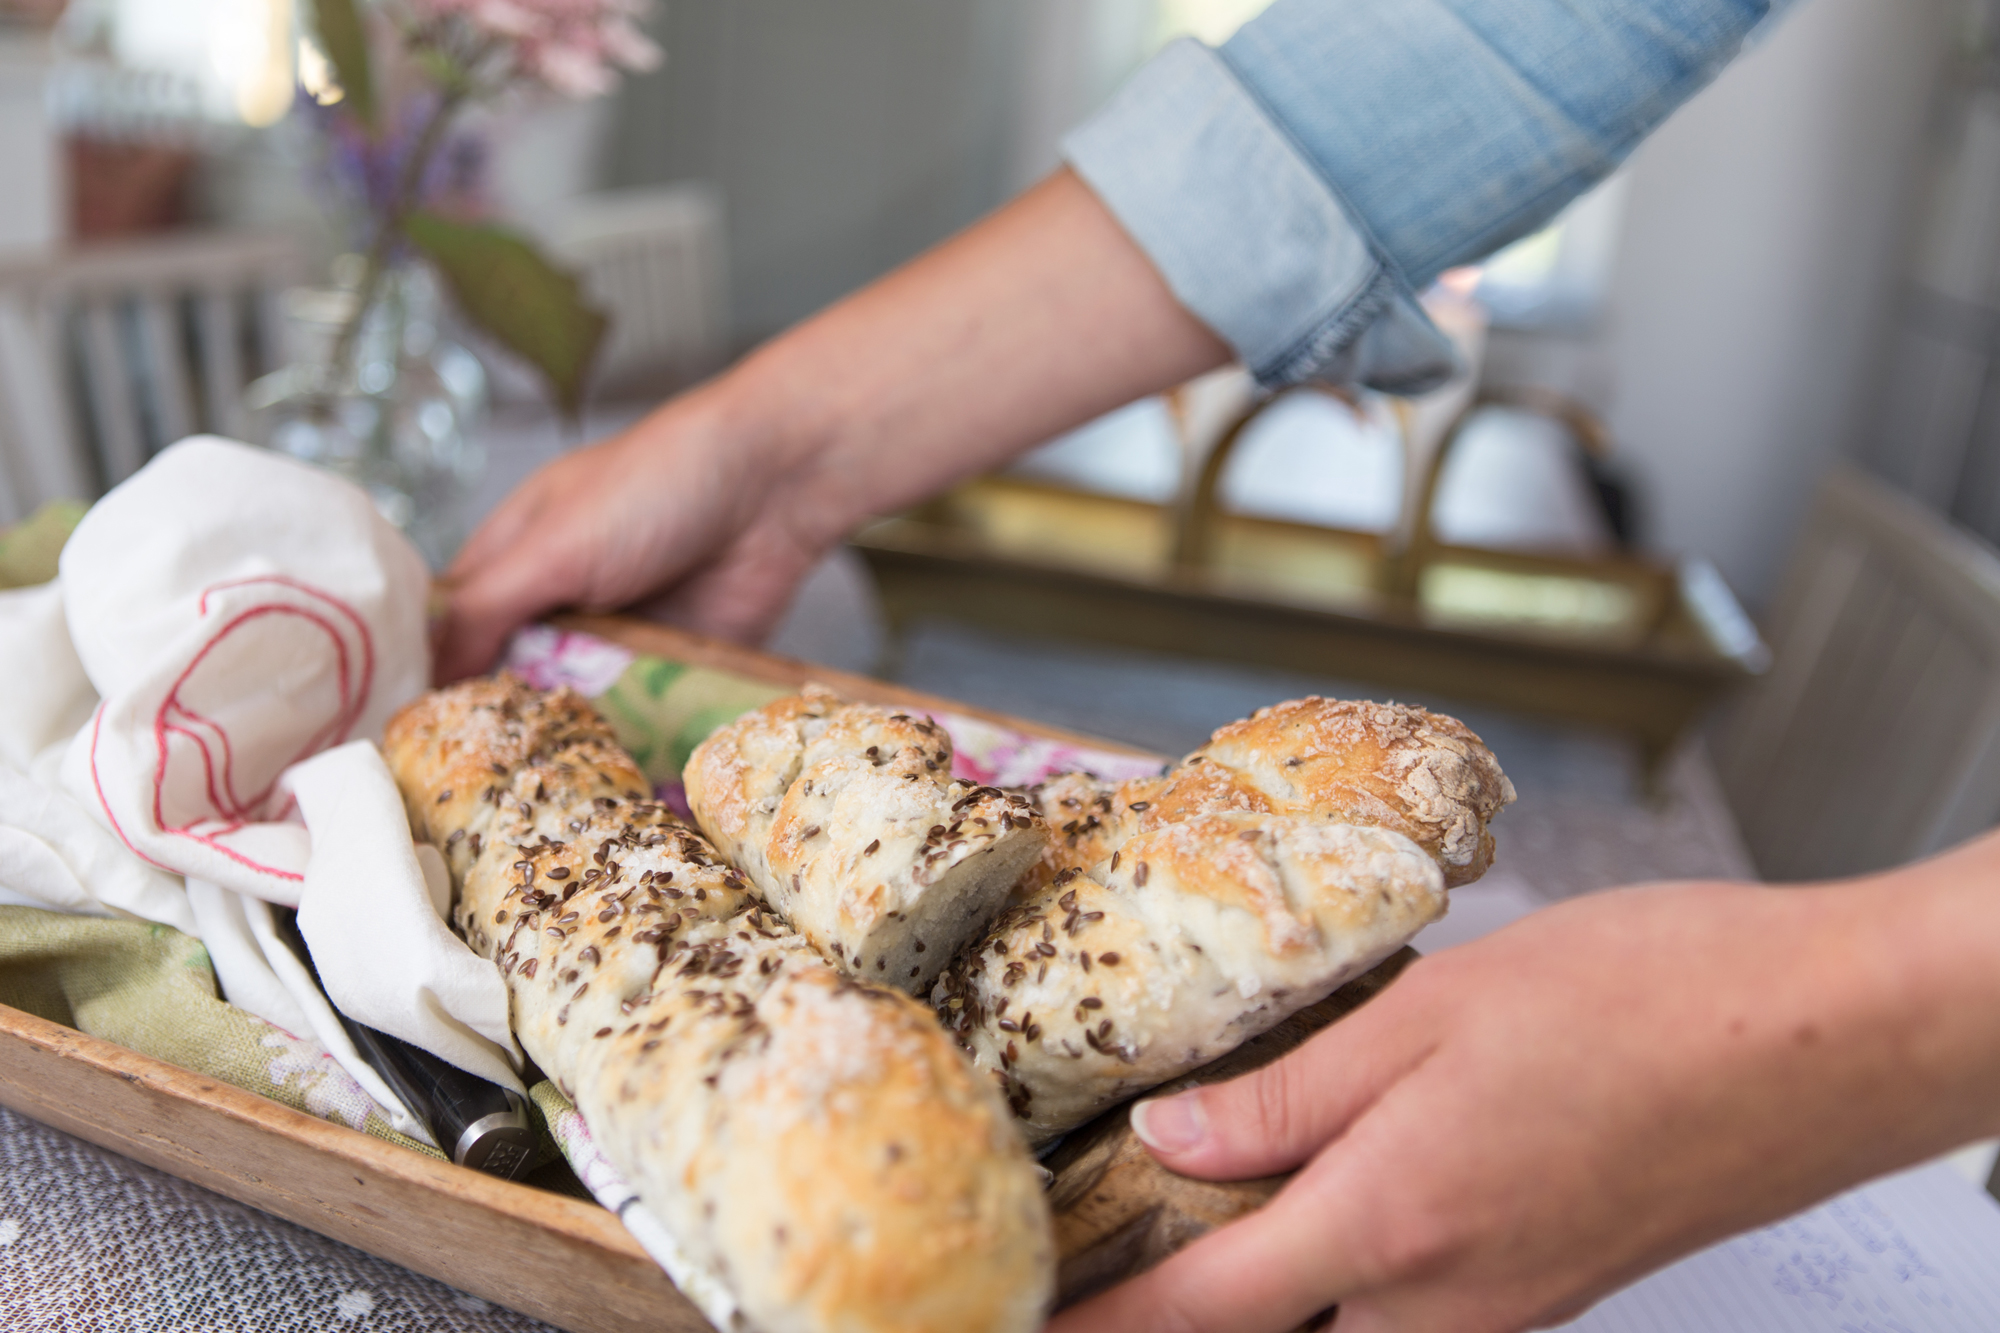 Reseptit:Näin onnistut gluteenittoman leivän leivonnassa